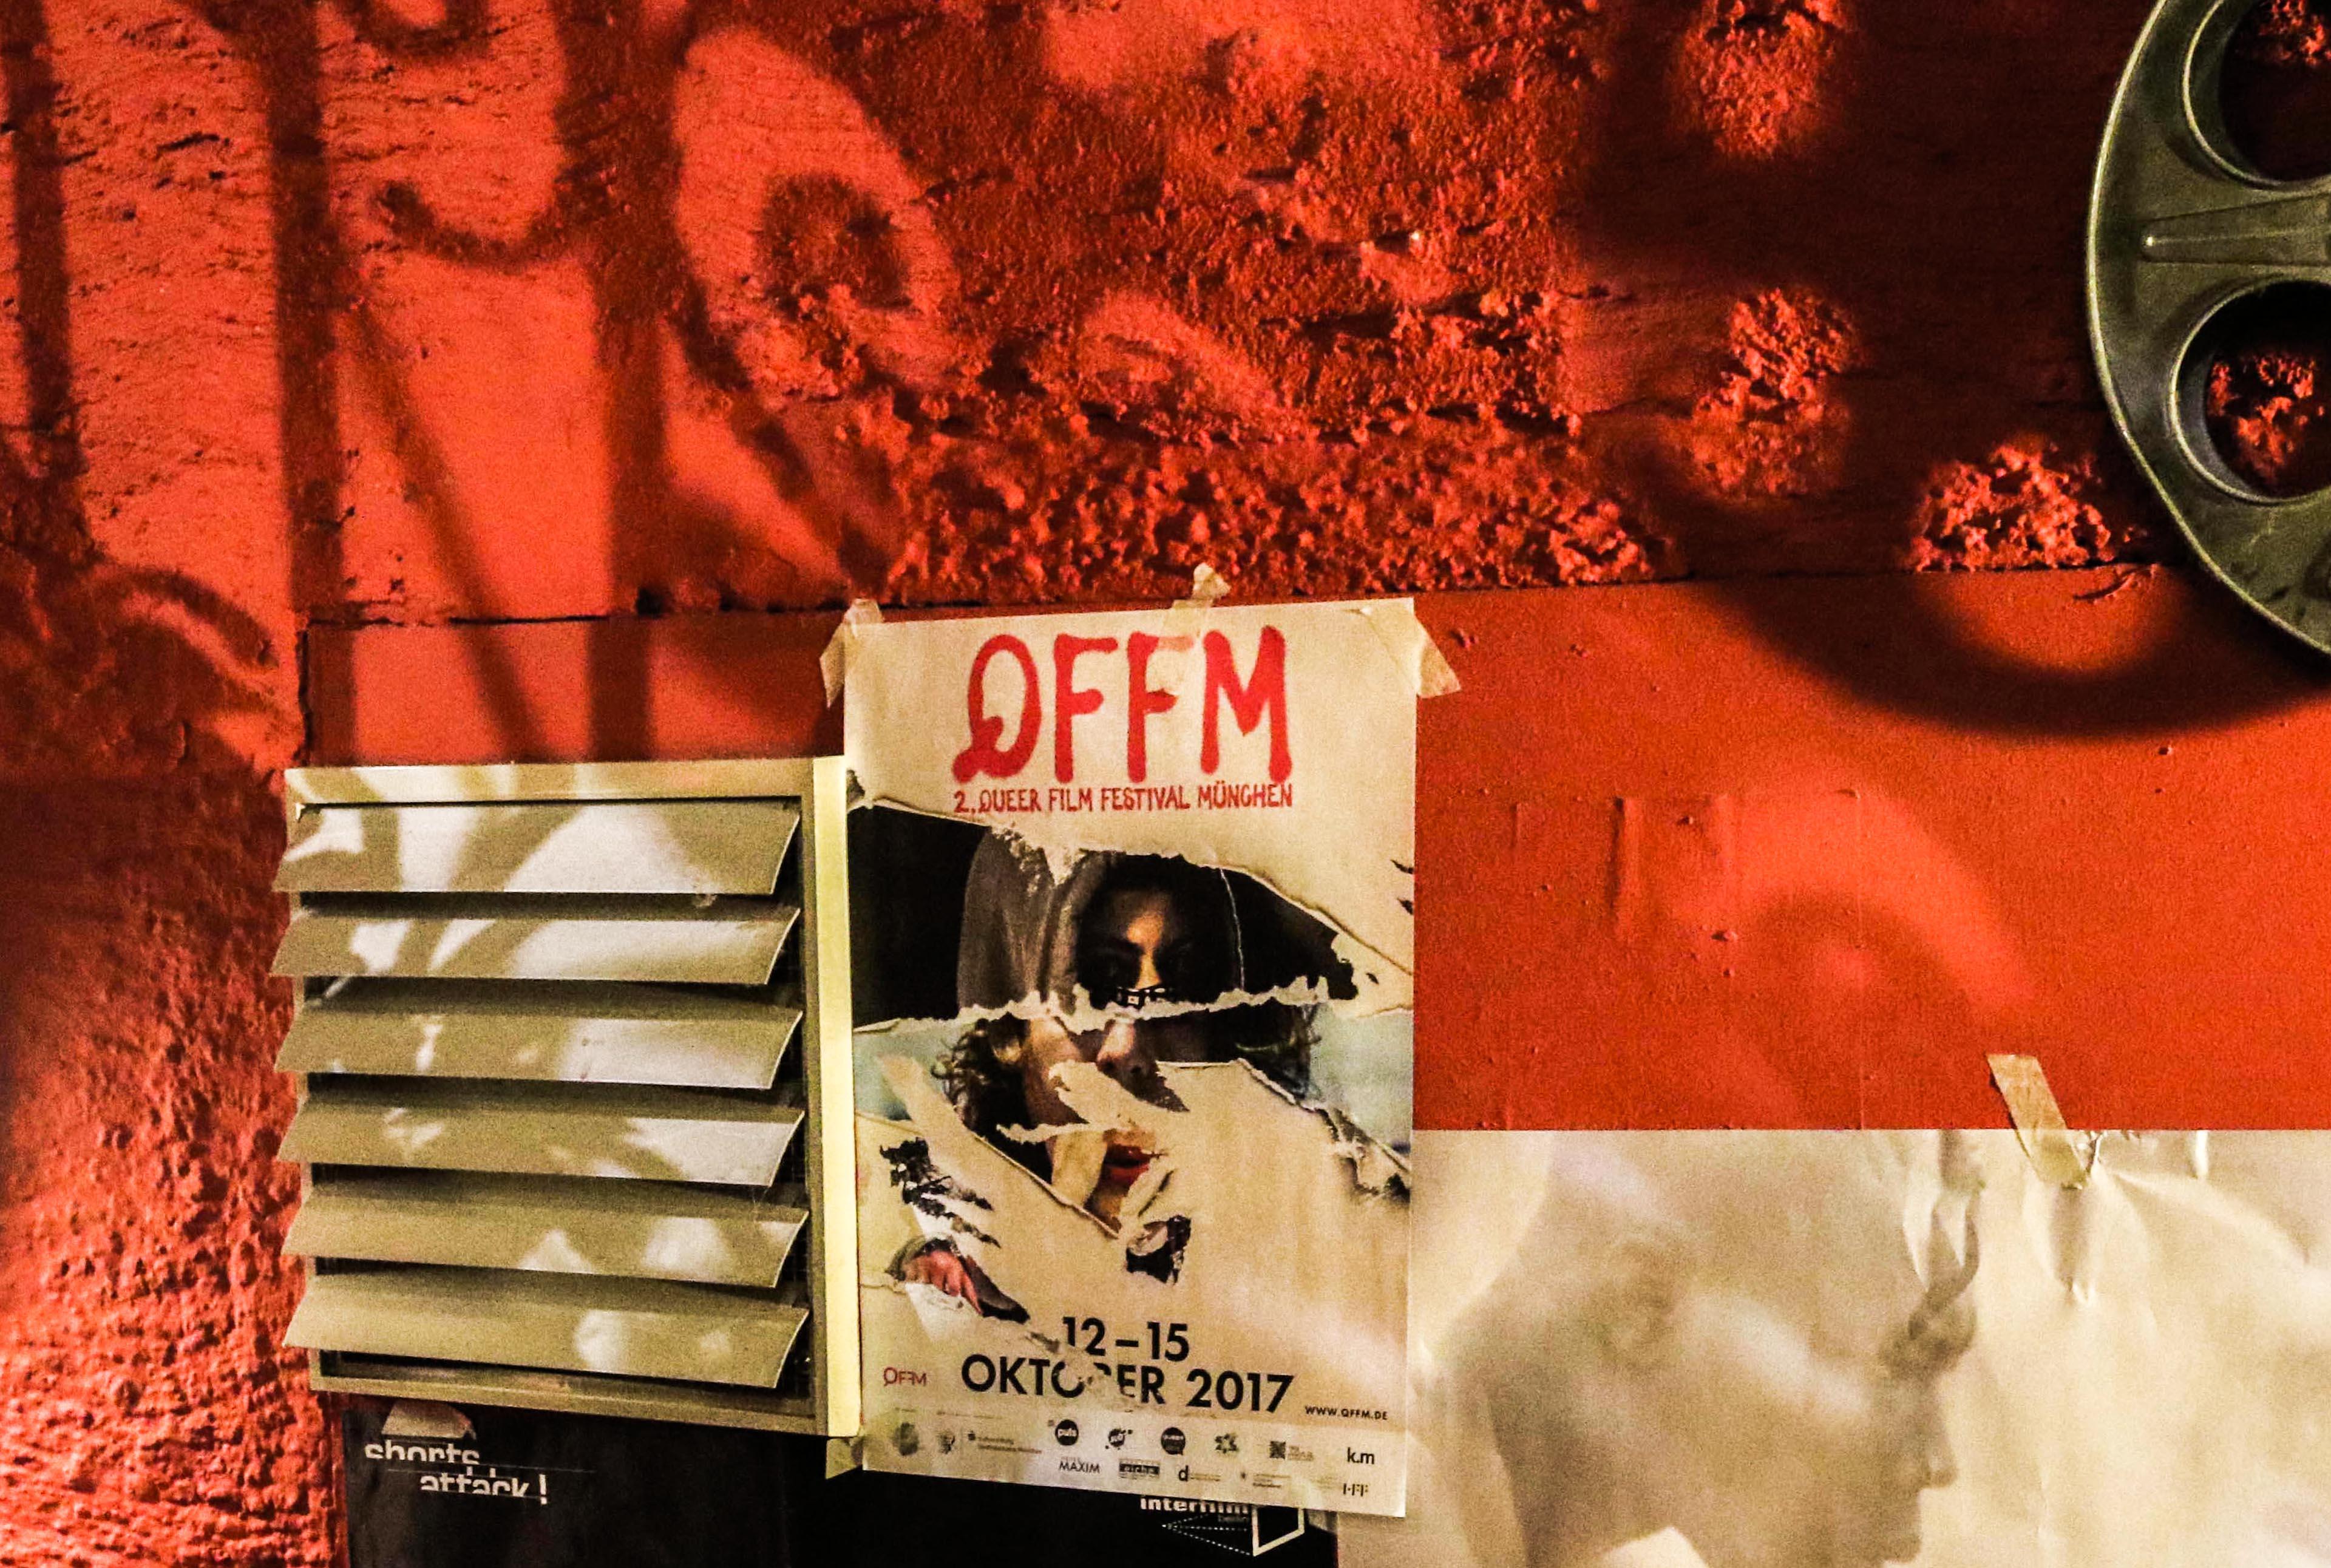 2. QFFM 2017